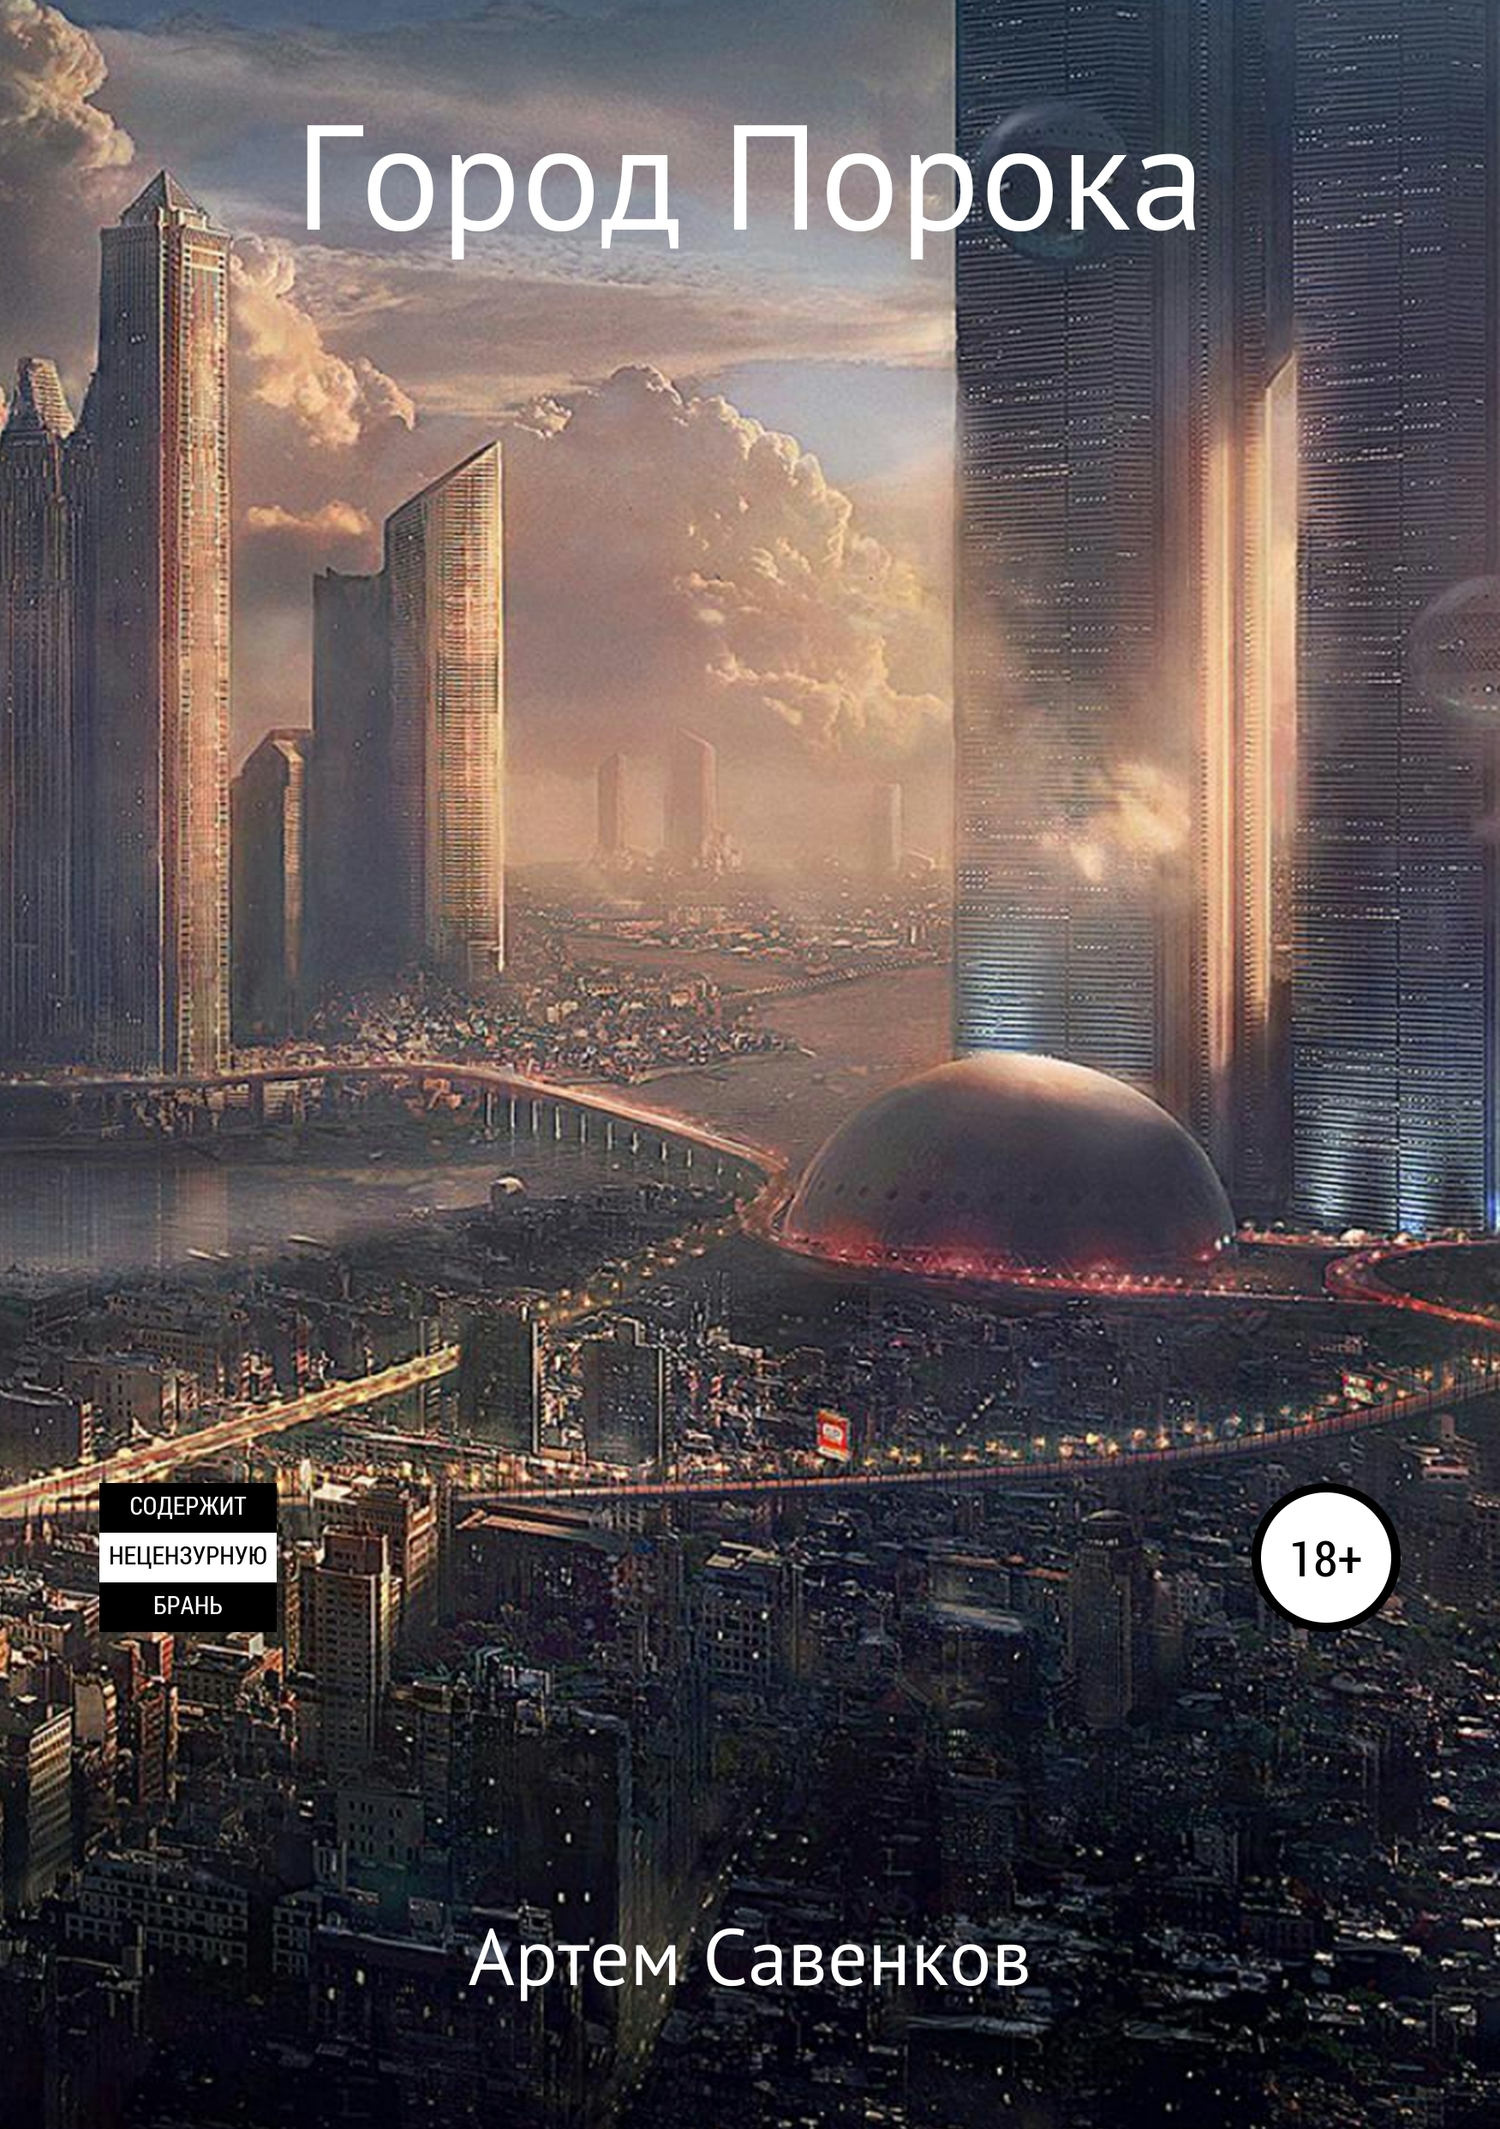 Город порока